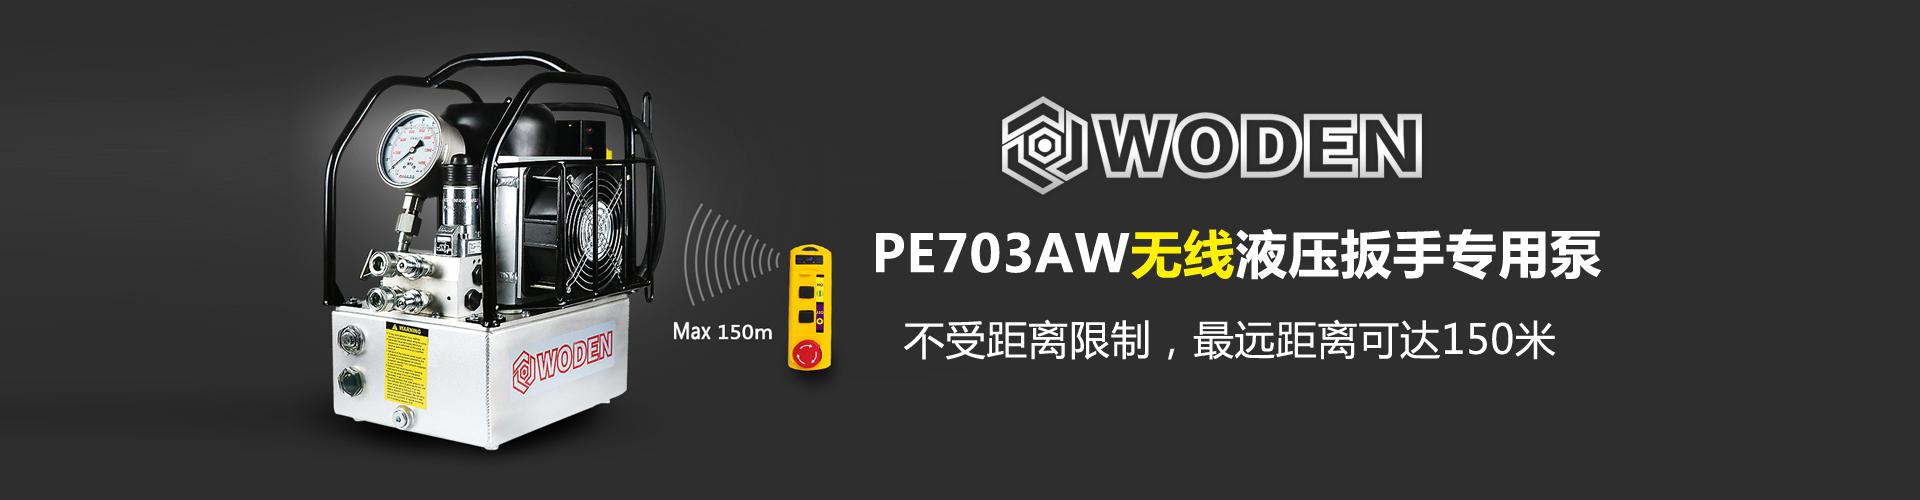 PE703AW无线液压扳手专用泵